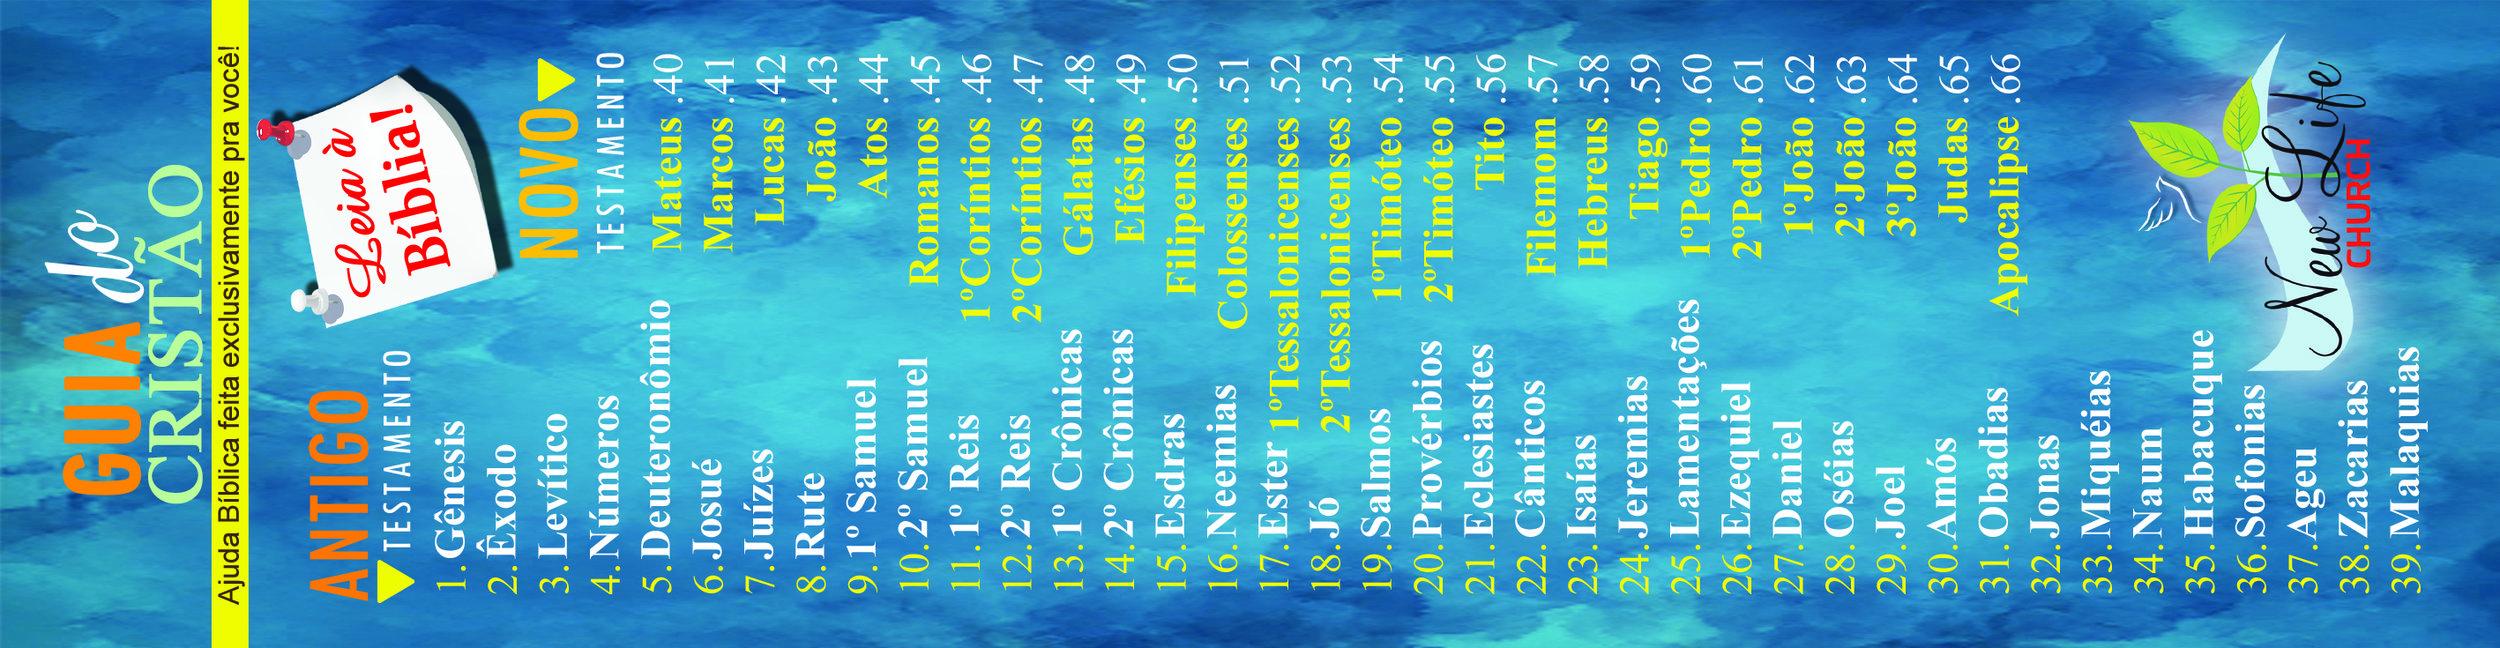 bookmark-2inx8in-v_BACK.jpg